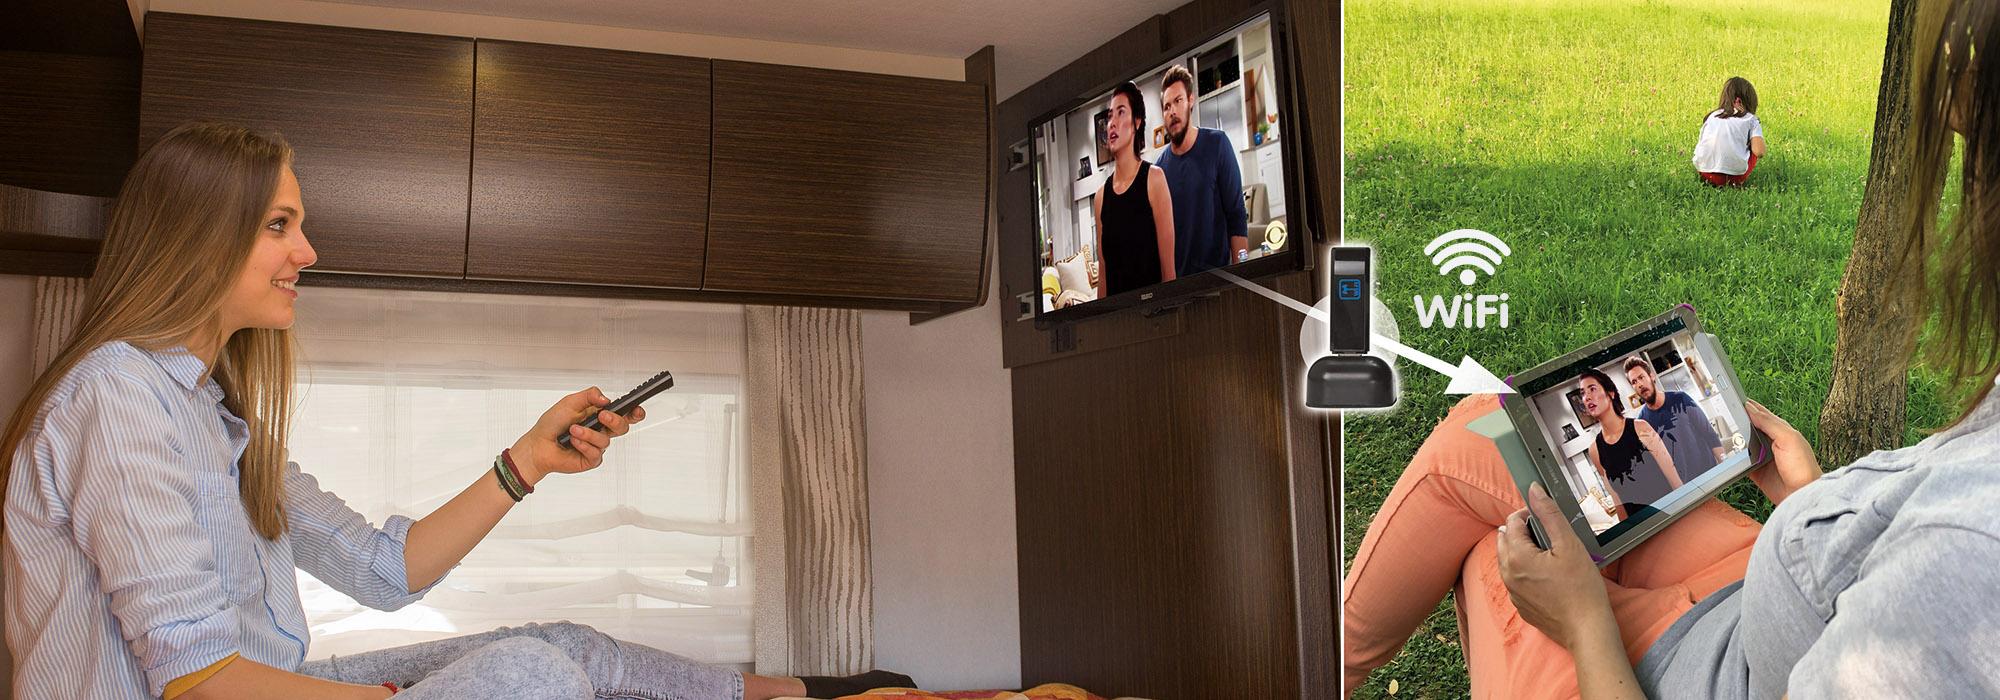 testata-smart-tv-2000x700